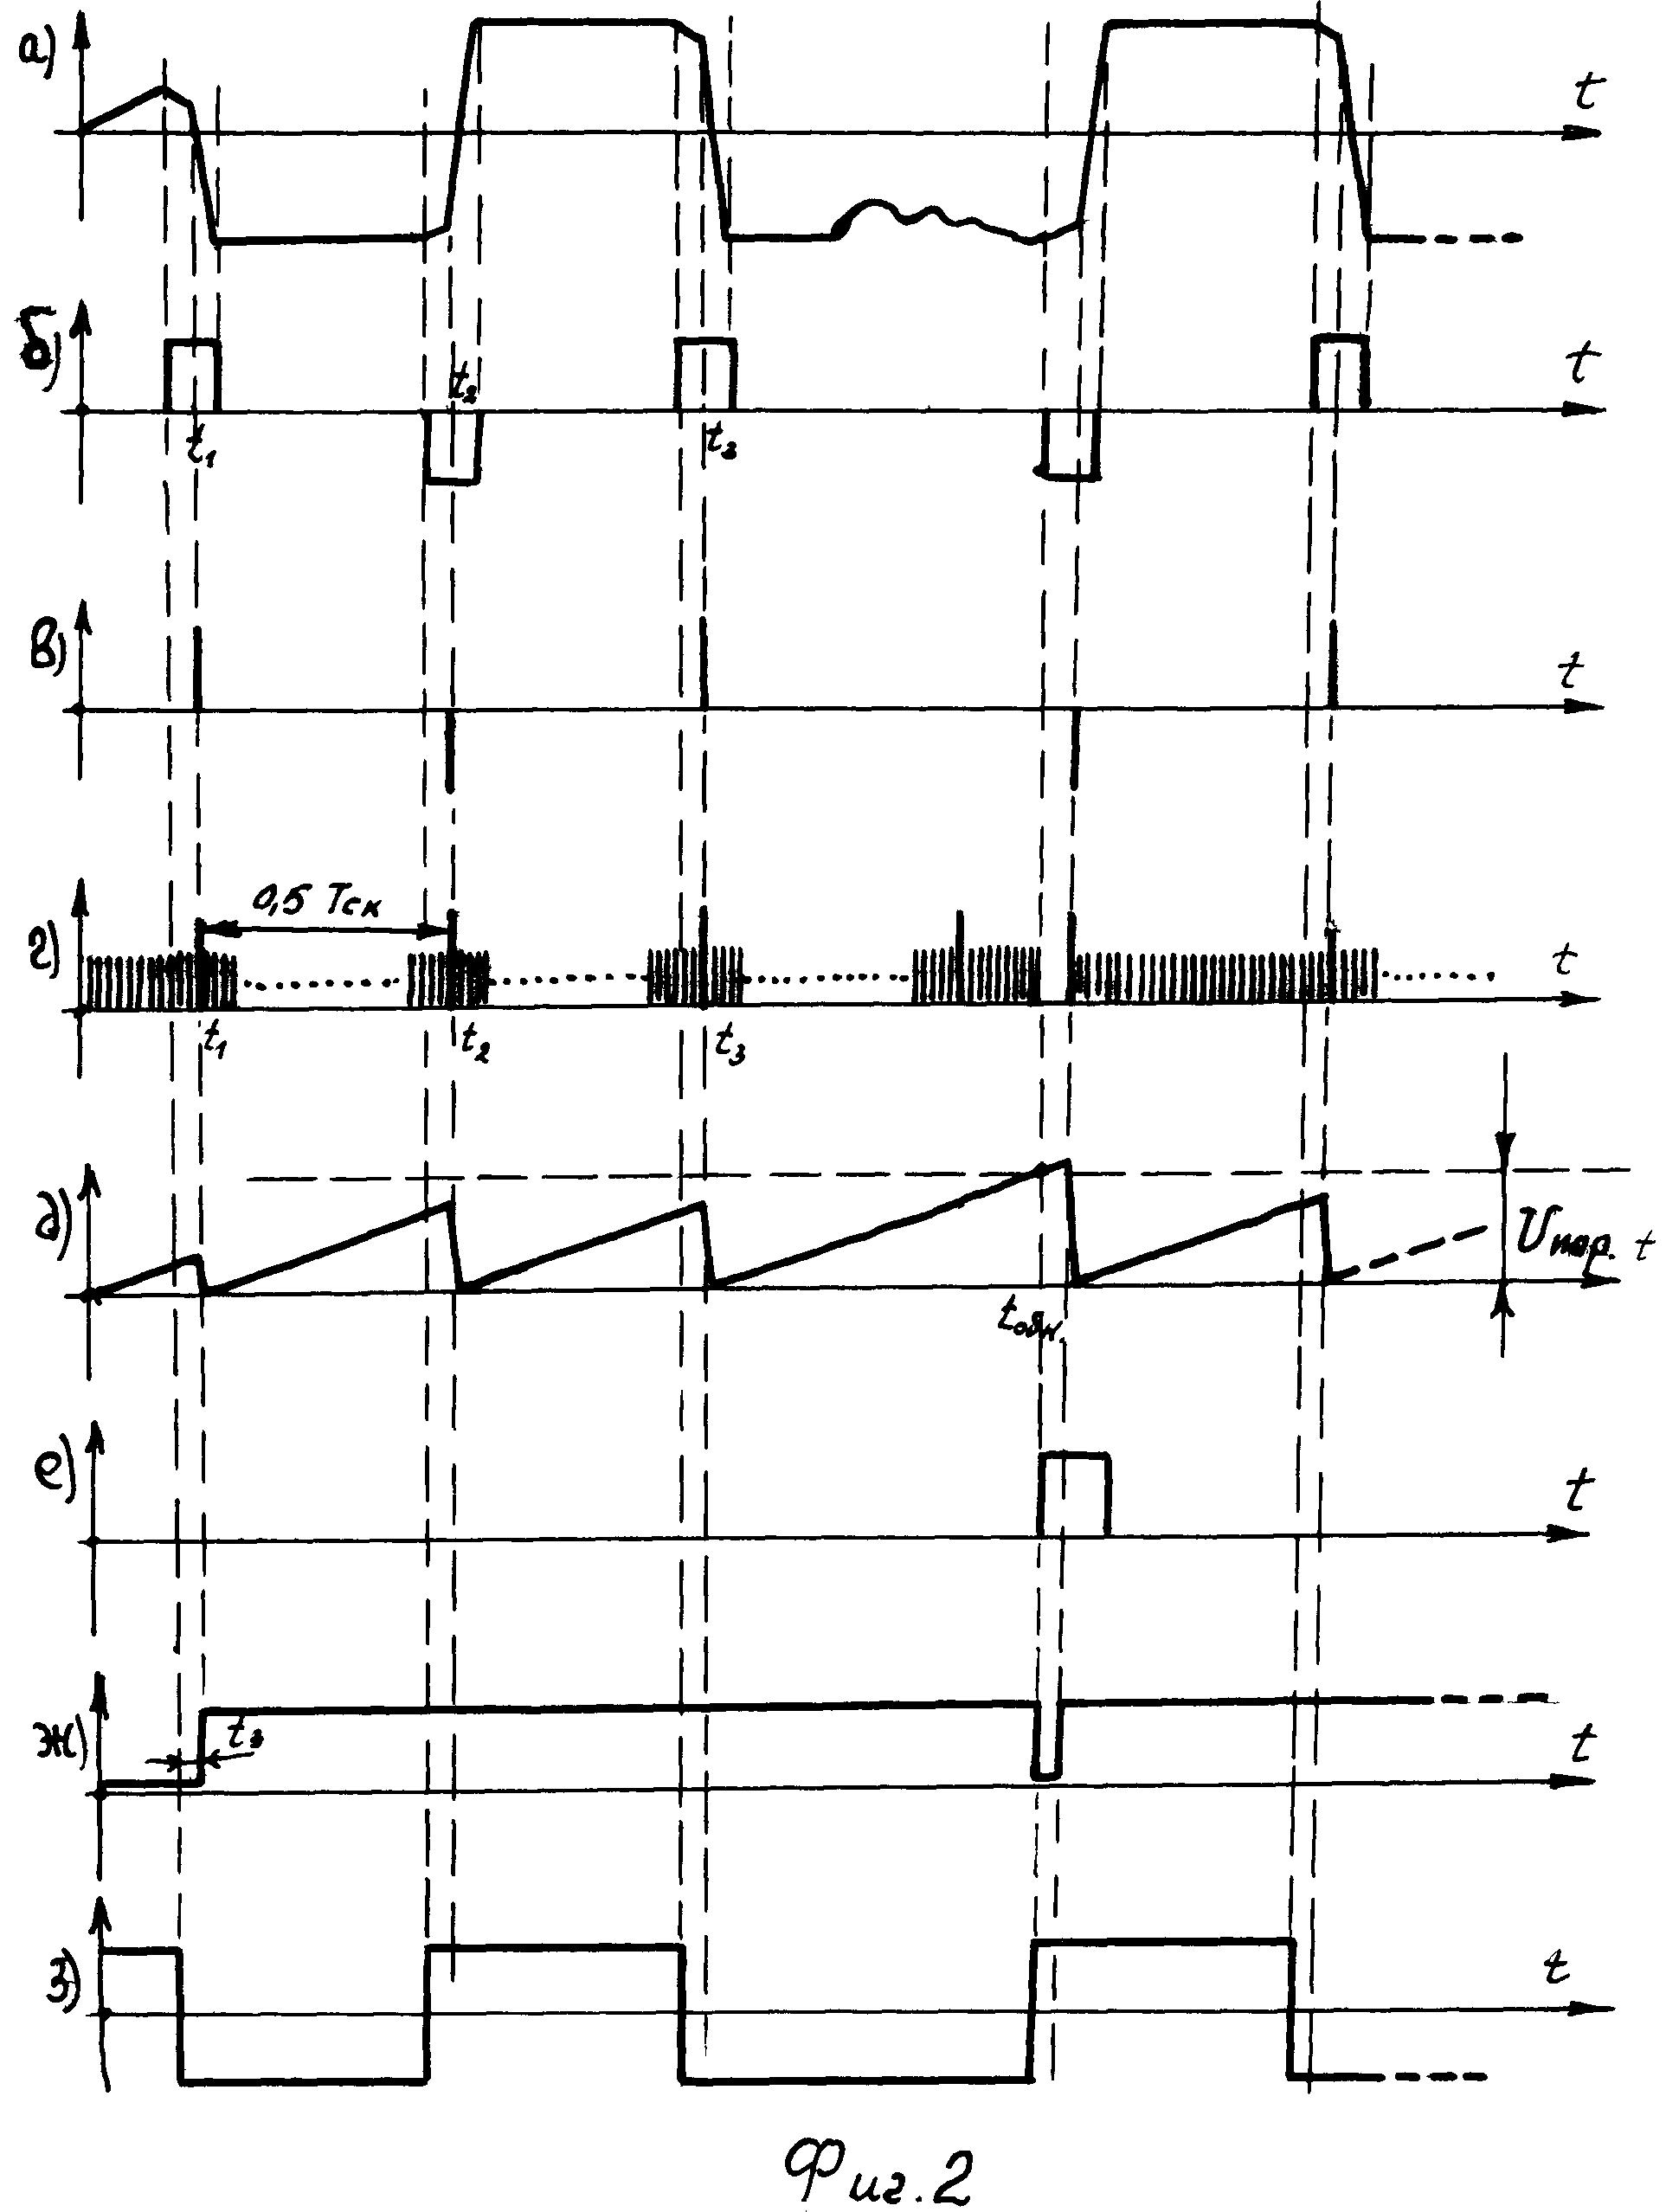 Устройство для управления движением антенны радиолокационной станции